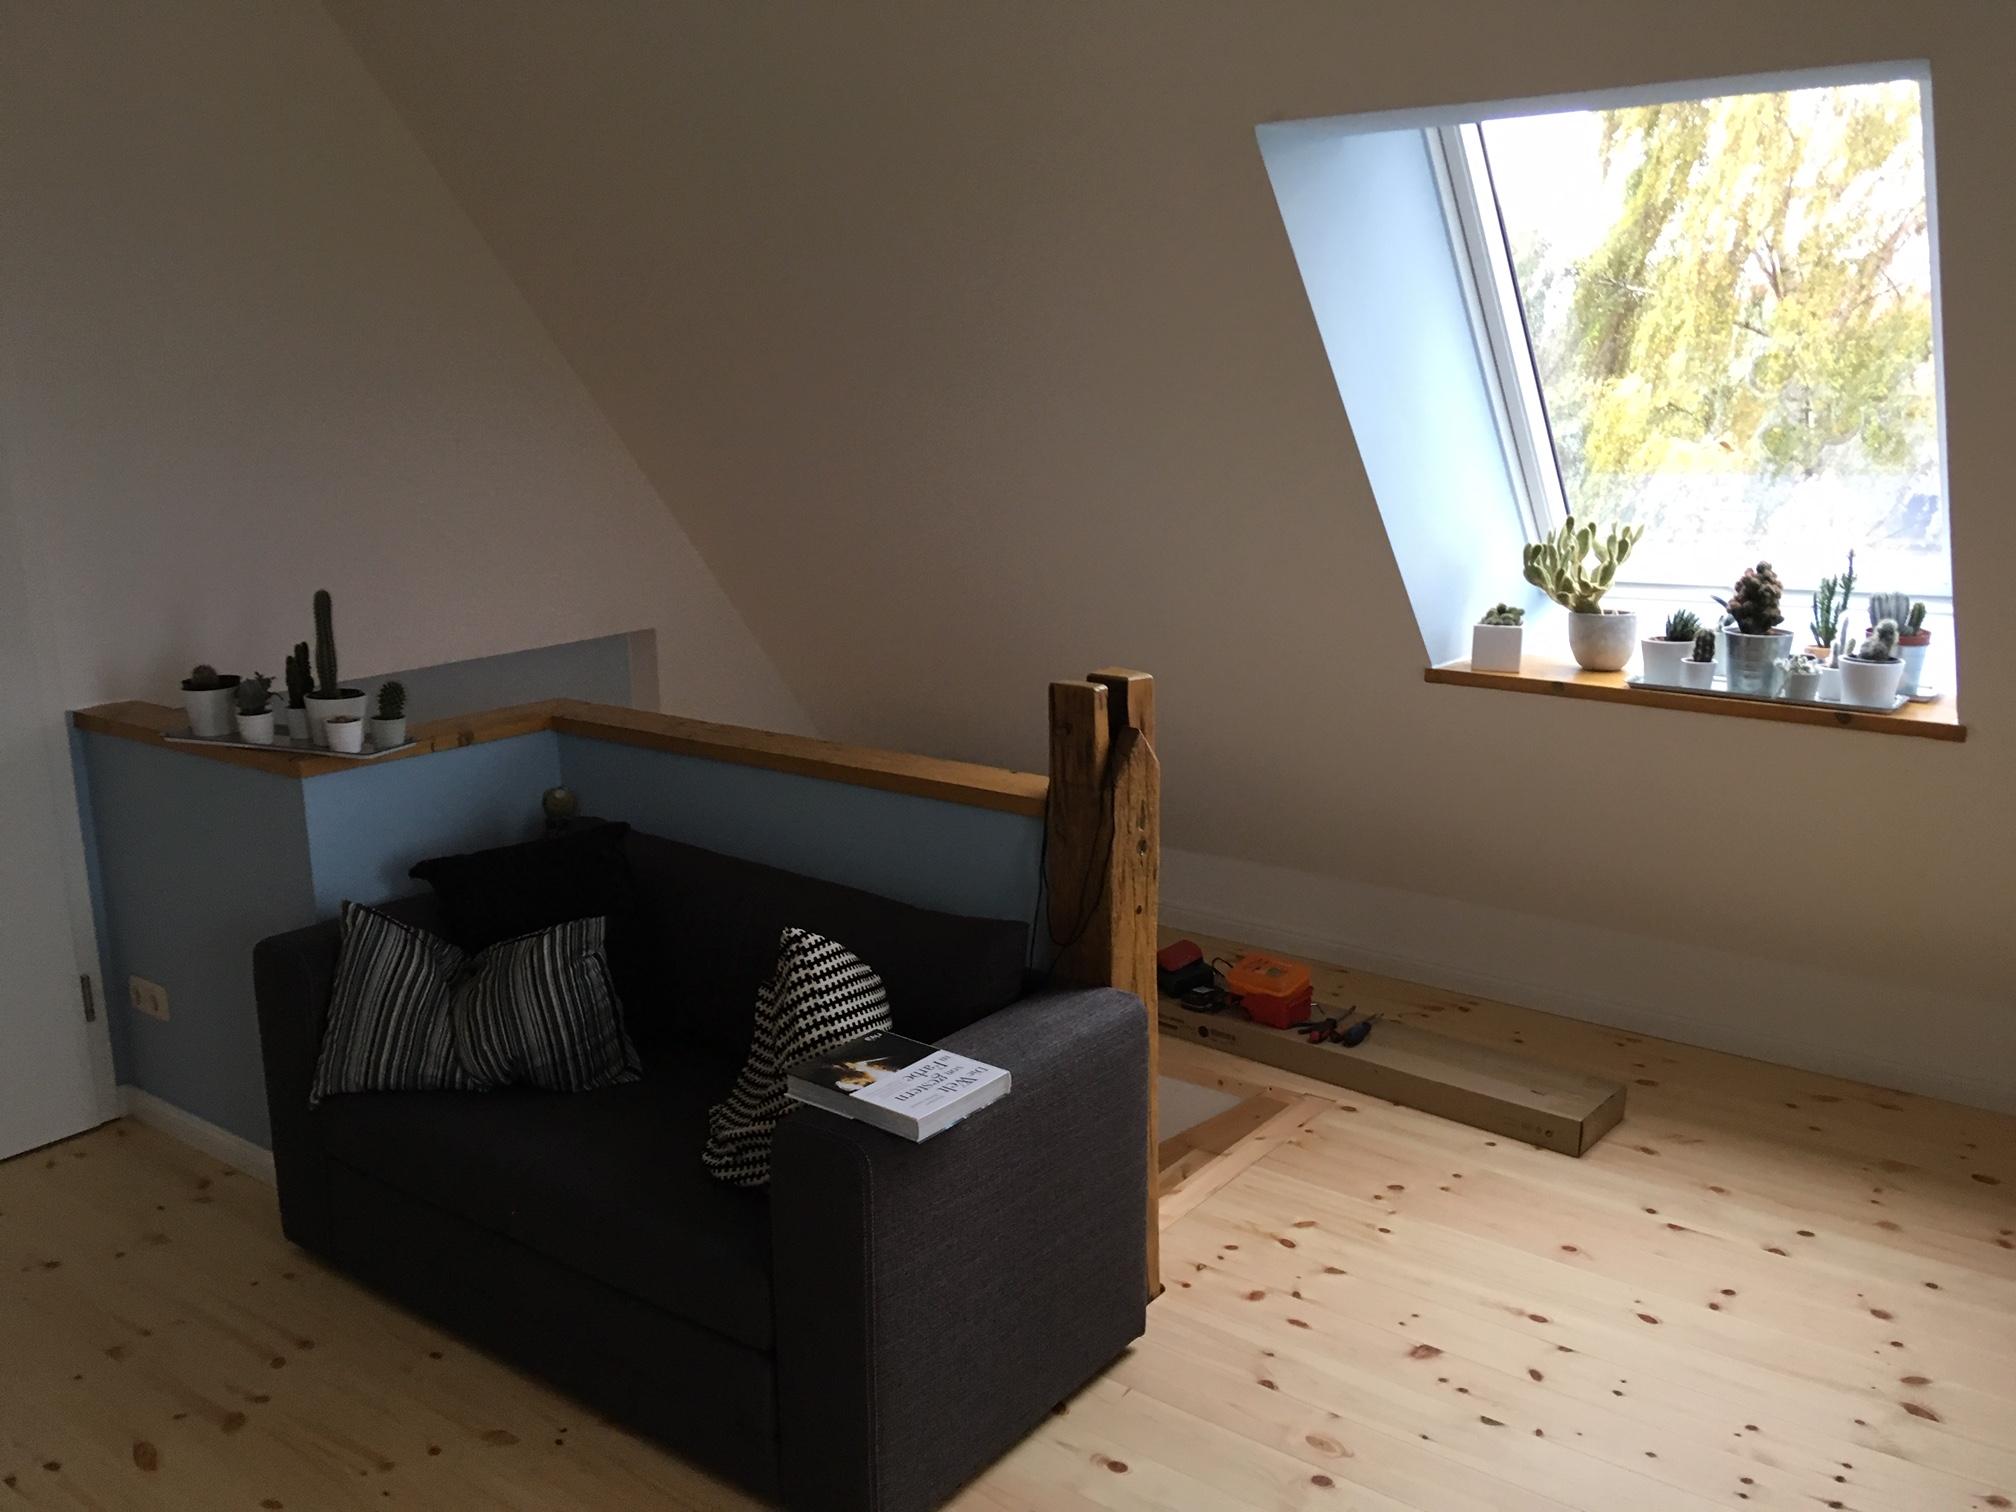 neuer Spitzboden